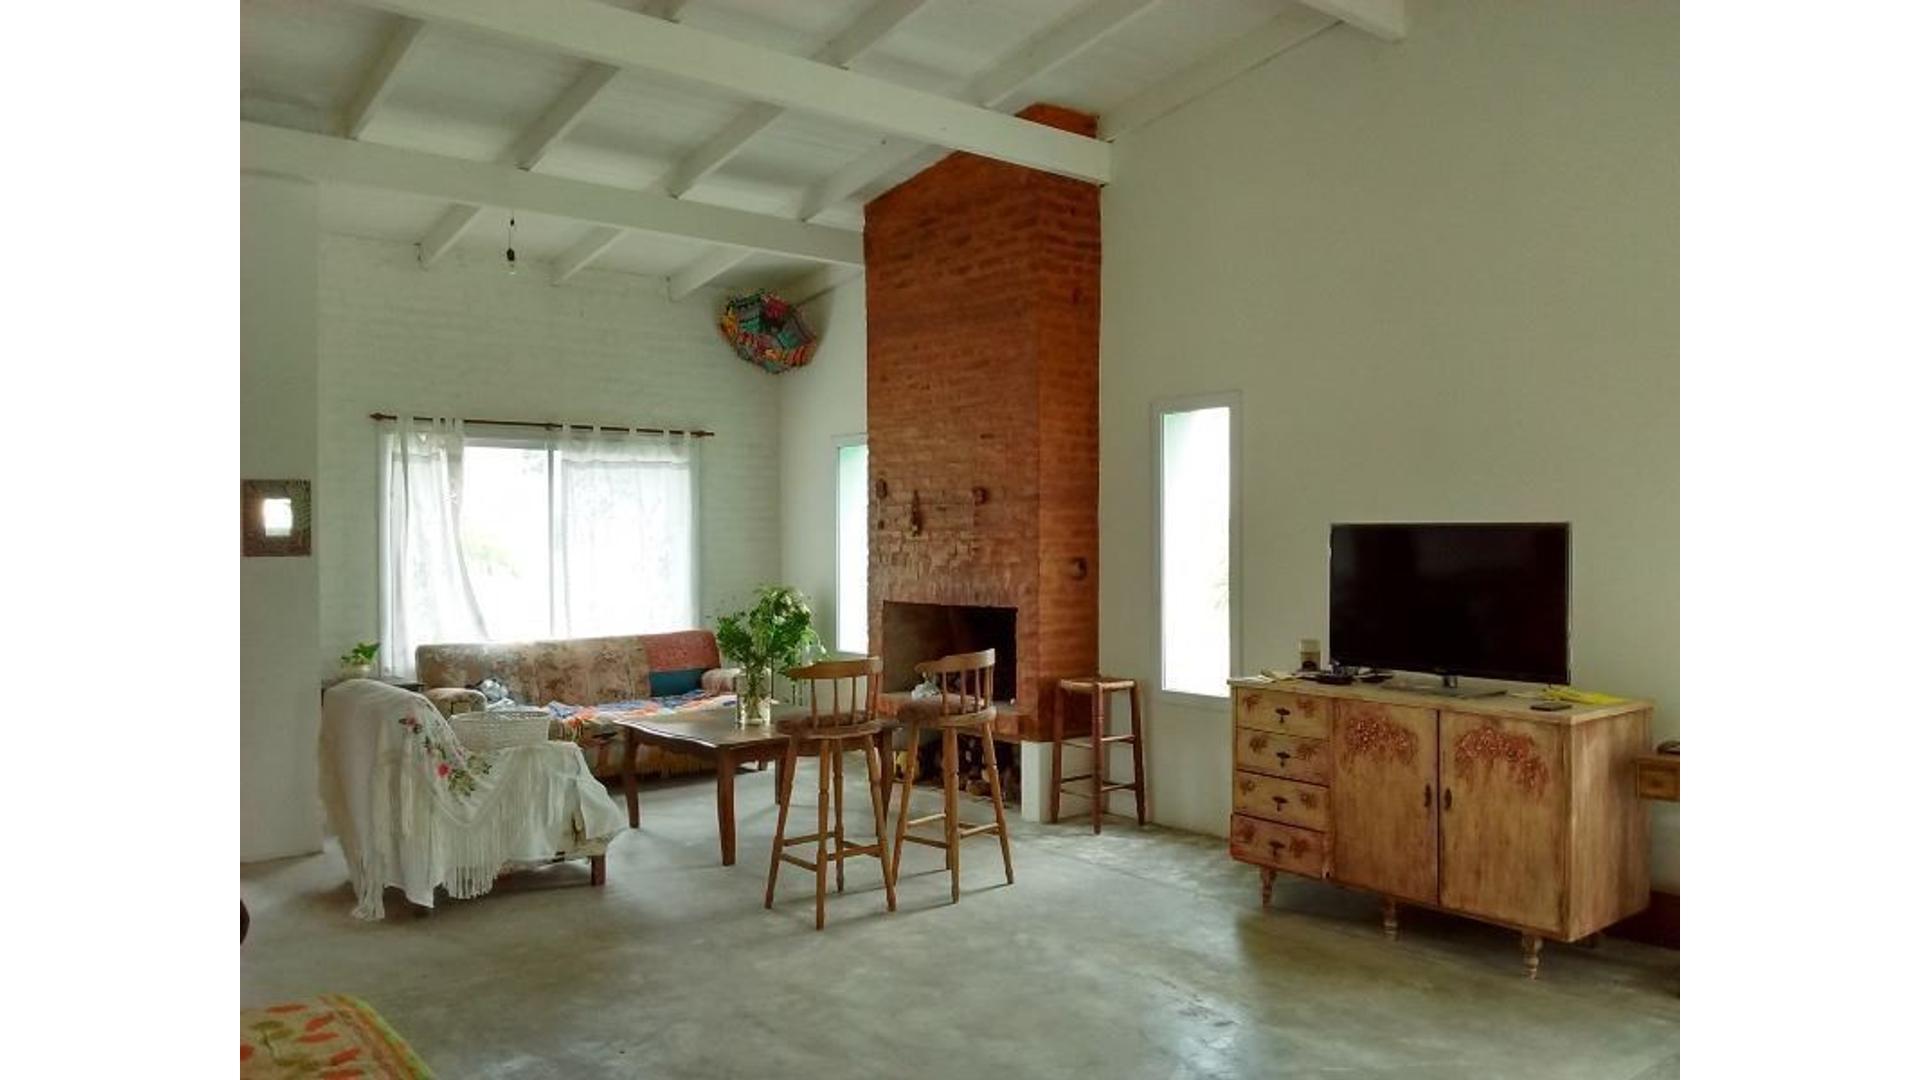 CASA TERMINADA - Barrio Privado San Matias ESCOBAR (Eidico) - 237 m2 edificados + terreno 772 m2